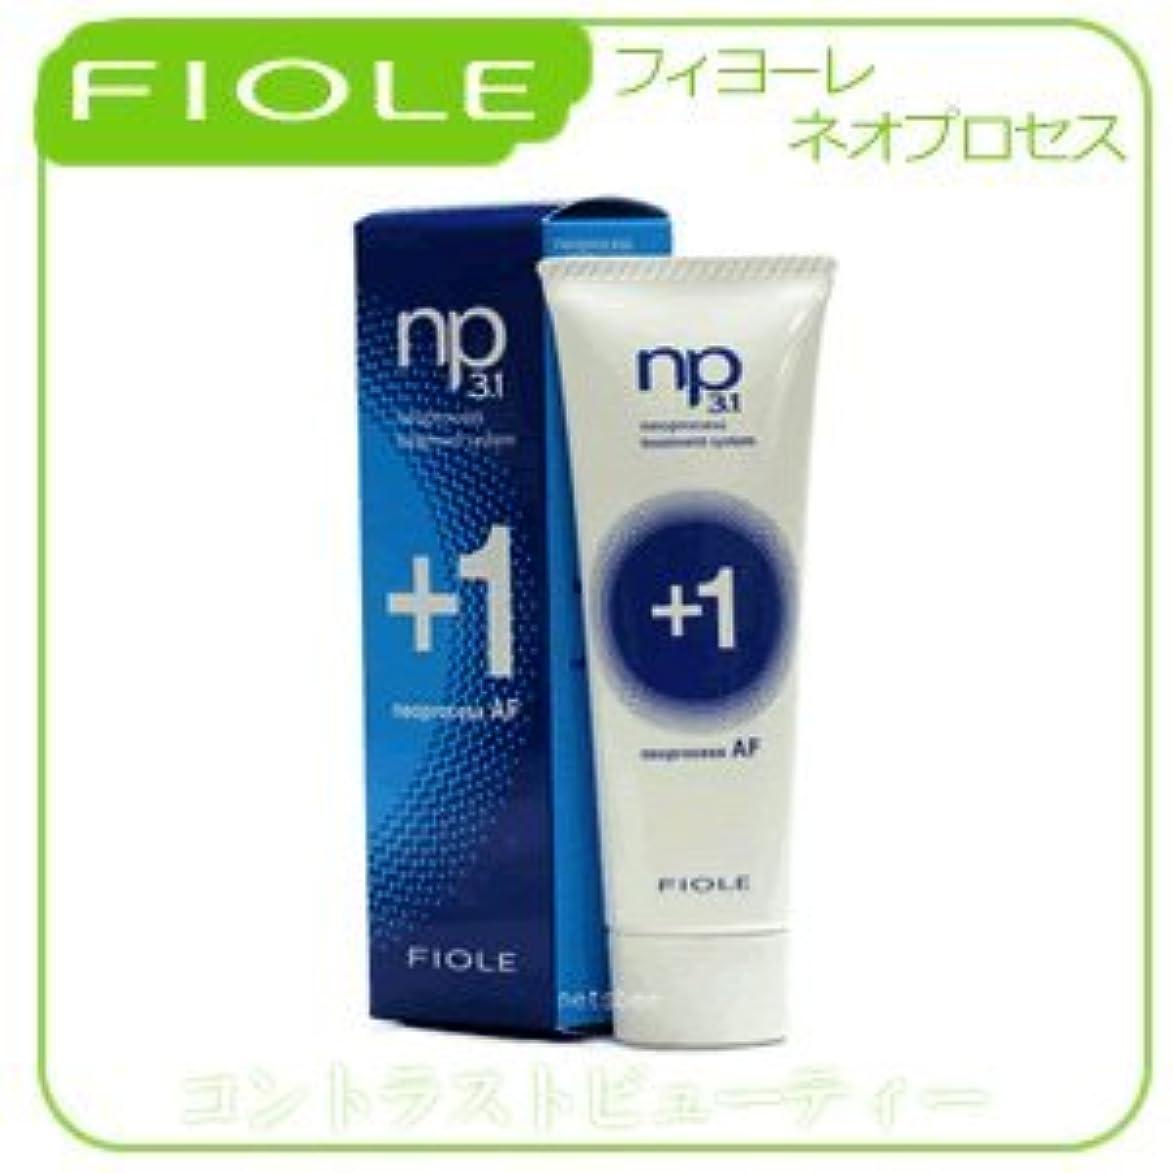 古くなった穿孔するシャンプー【X2個セット】 フィヨーレ NP3.1 ネオプロセス AFプラス1 240g FIOLE ネオプロセス